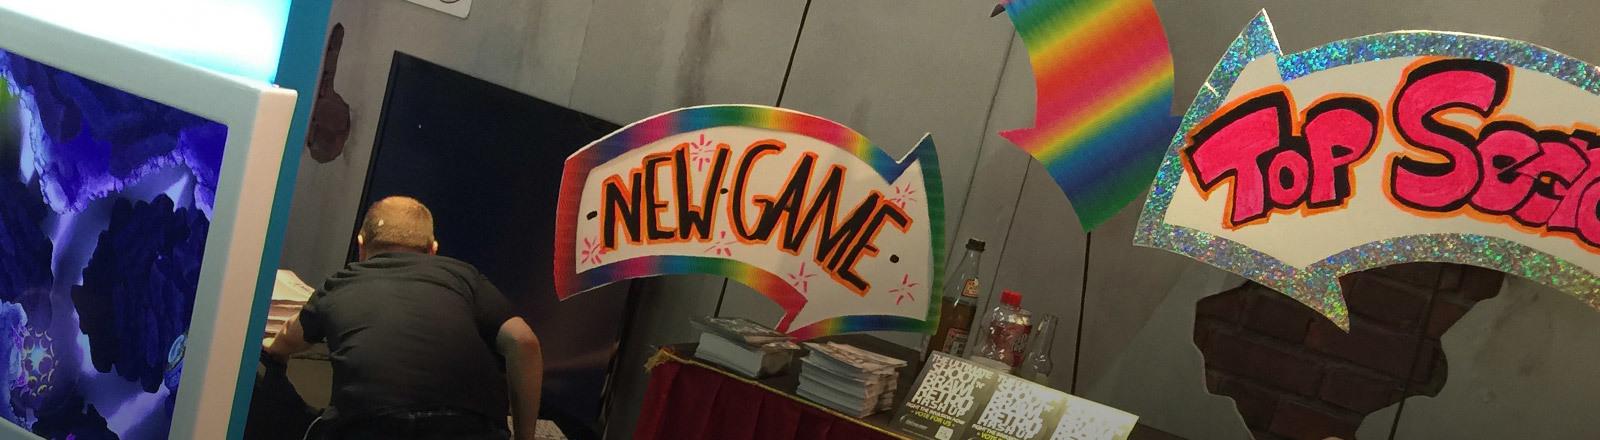 """Ein Computerspiel wird mit den selbstgemalten Schildern """"New Game"""" und """"Top Secret"""" beworben."""